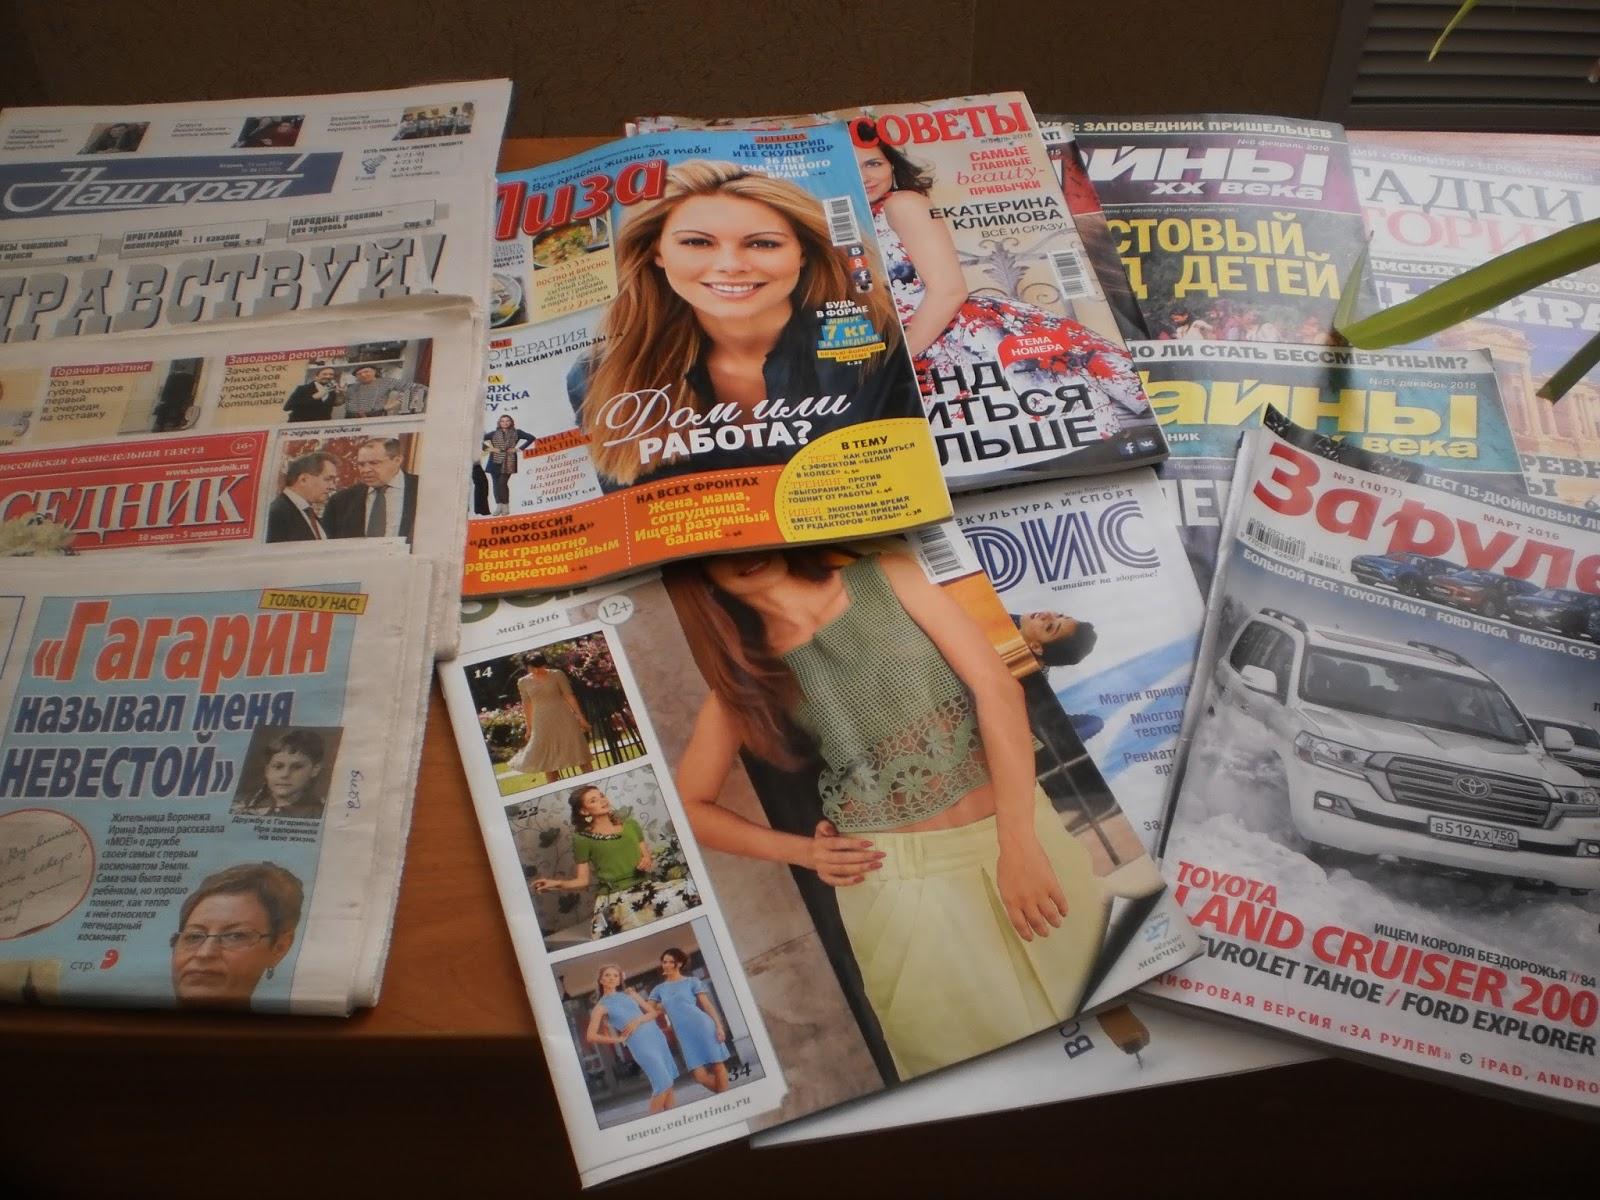 только картинка газеты и журналы в библиотеке поговорим том